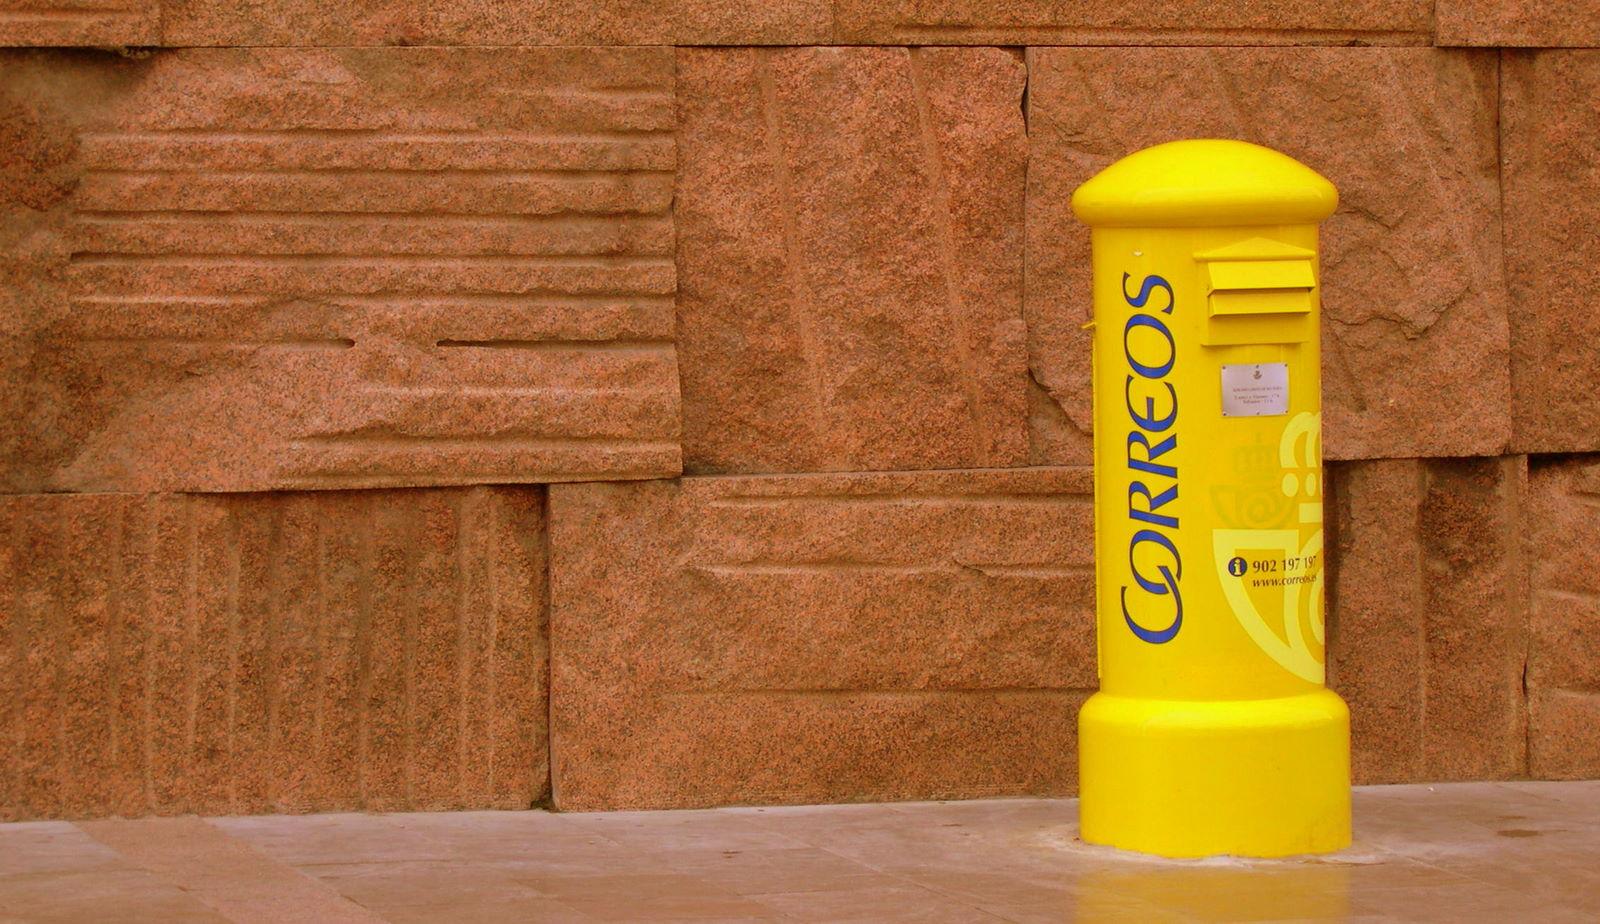 Fotograf a de buz n de correos recurso educativo 102123 for Oficina de correos barcelona